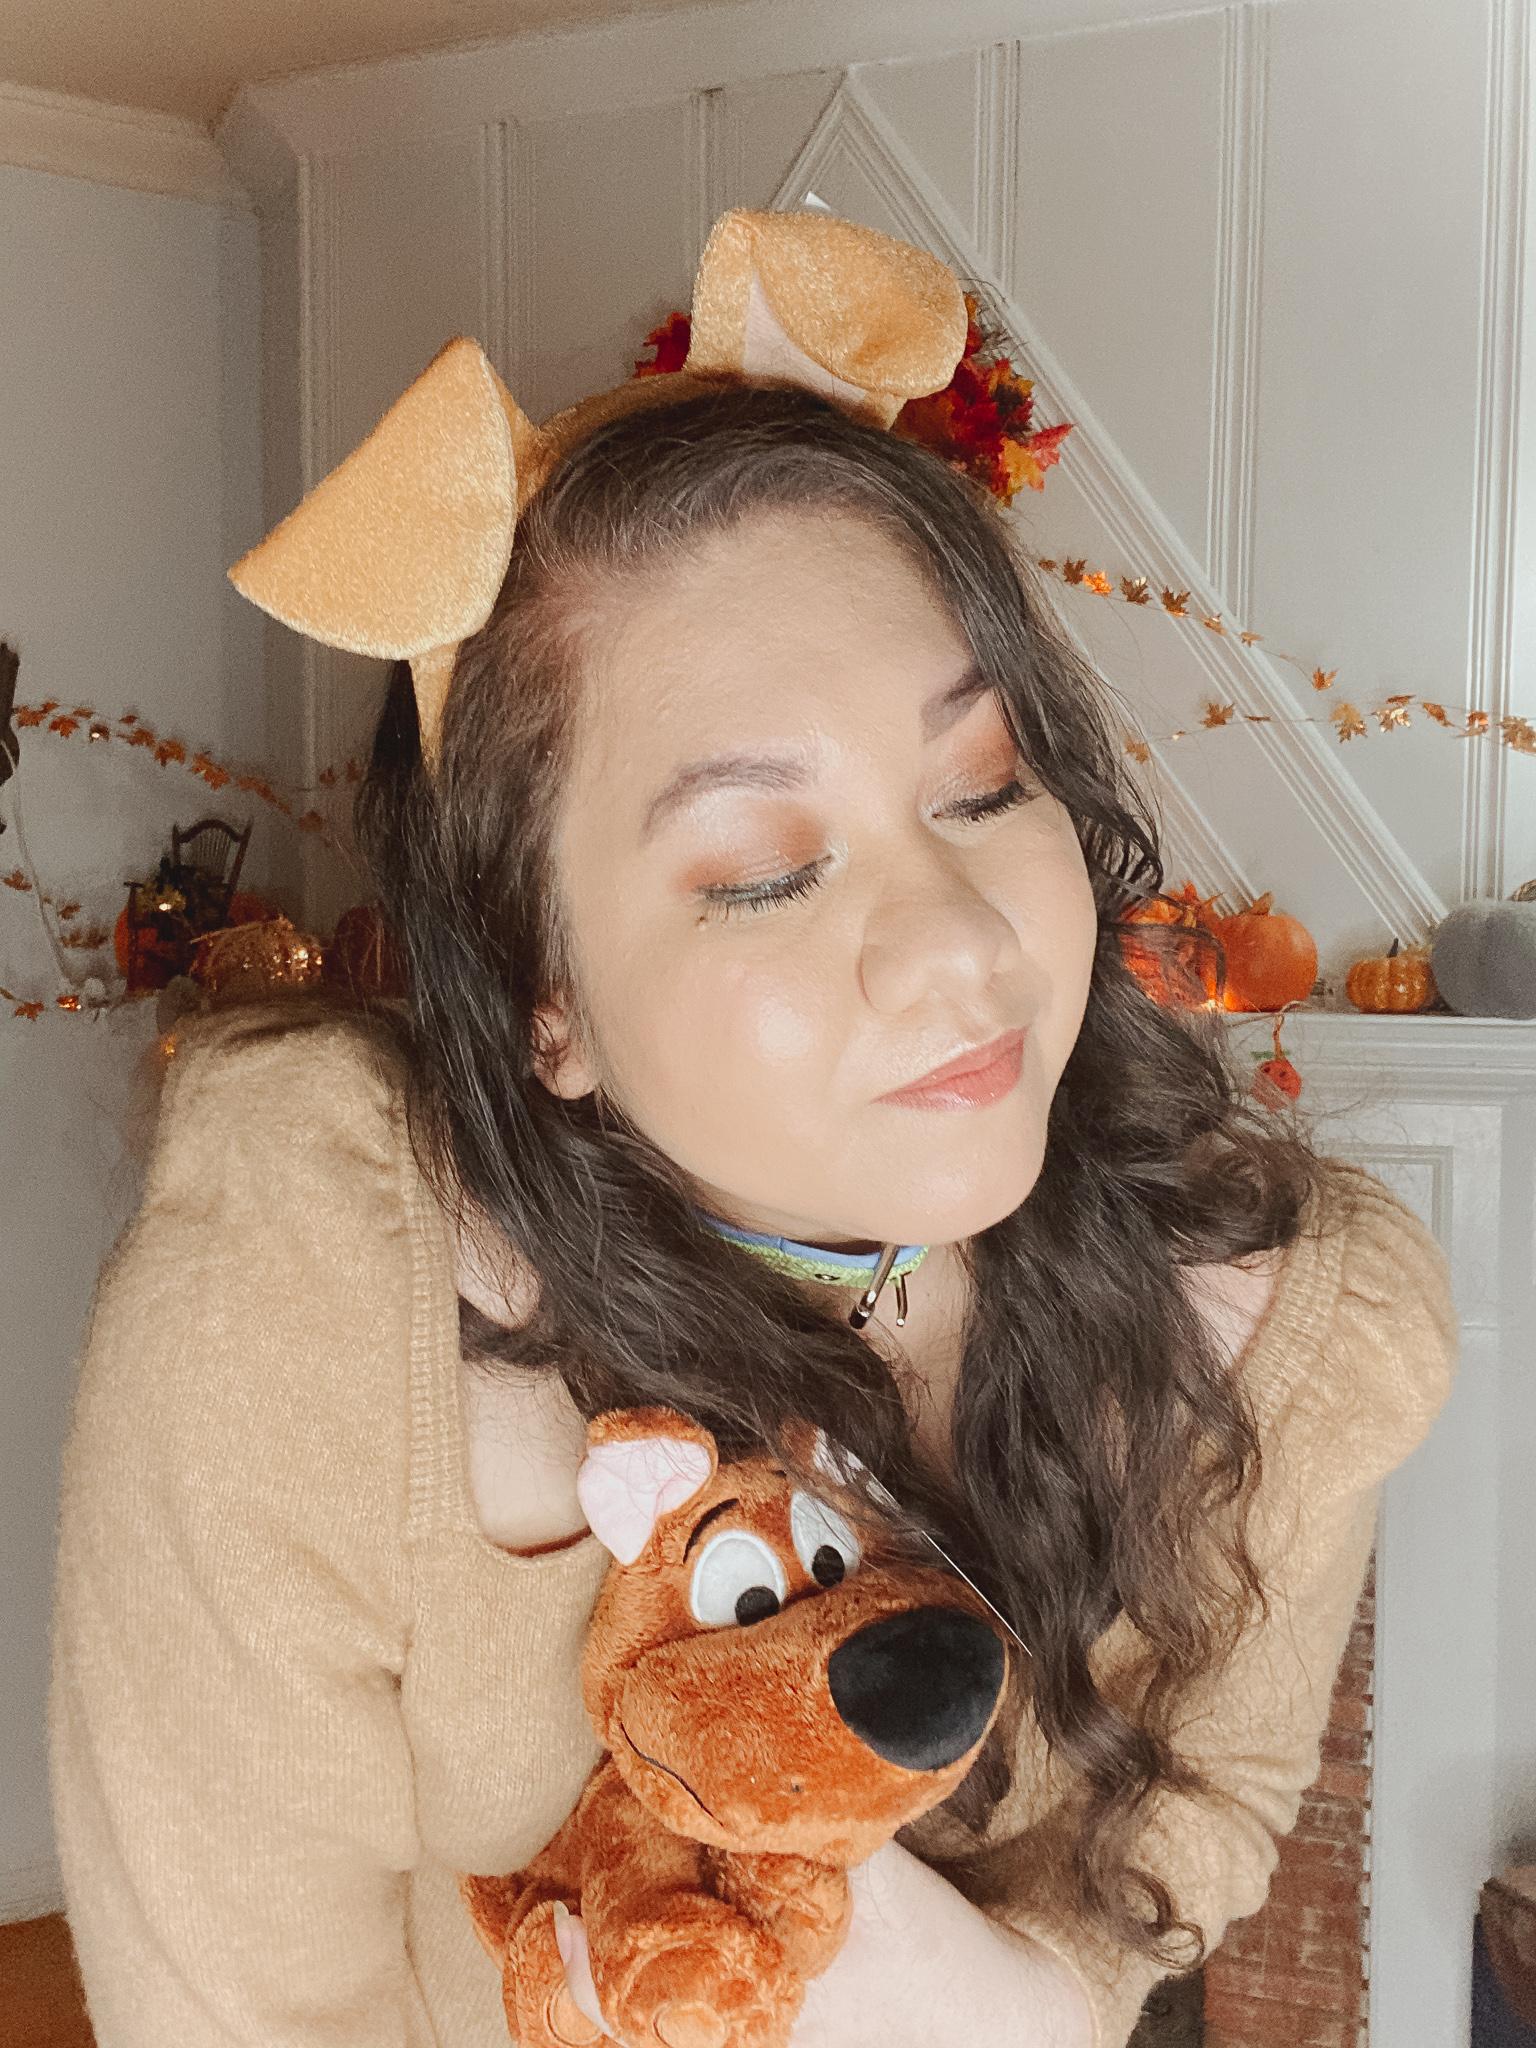 Scooby Doo Halloween Costume & Makeup